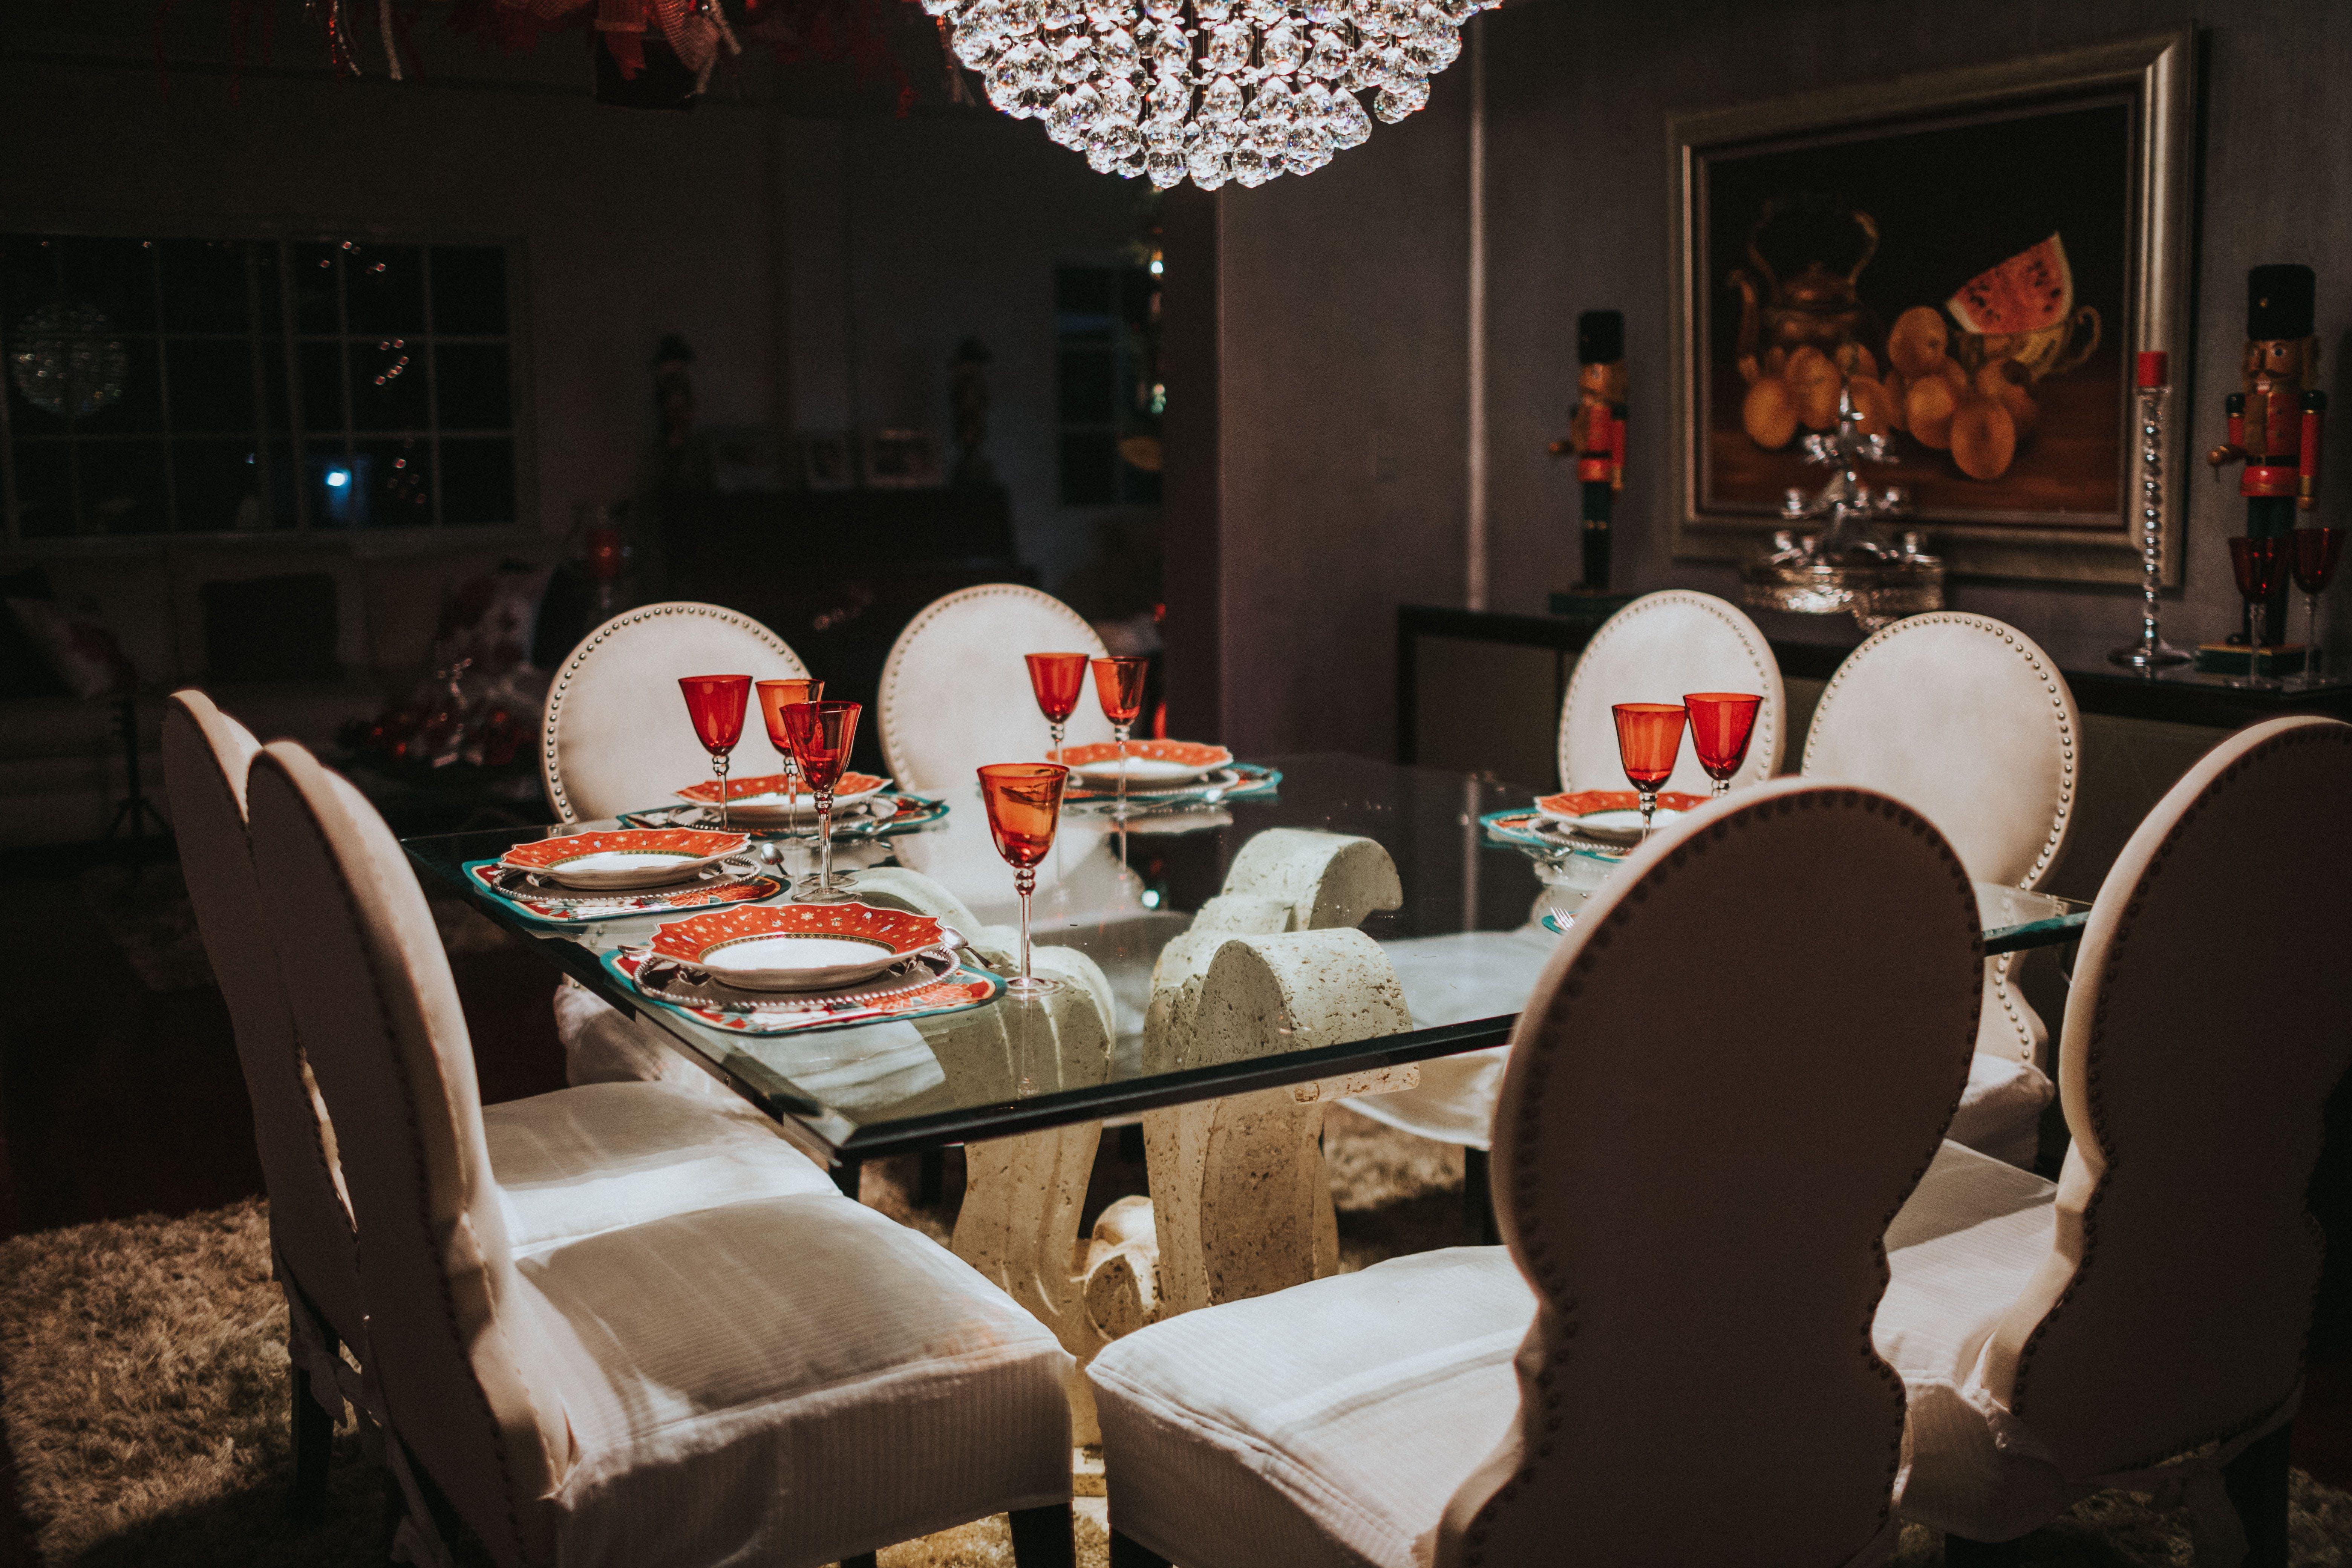 Fotos de stock gratuitas de adentro, comedor, cristal, diseño de interiores